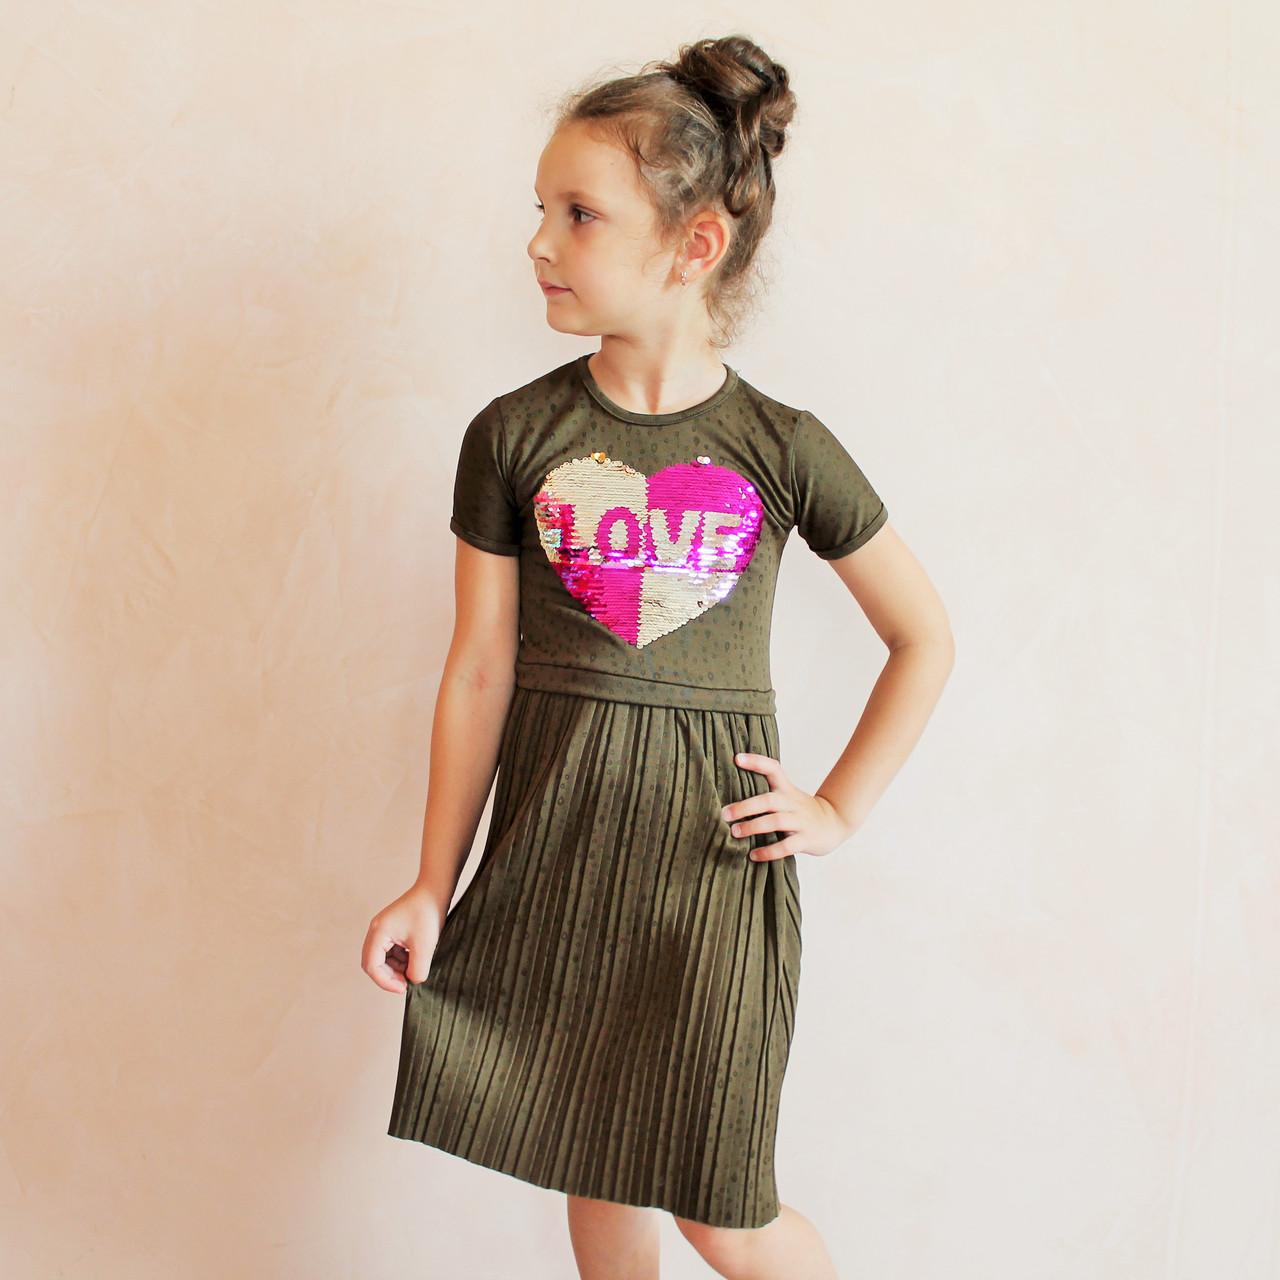 30095a82395 Нарядное платье для девочки пайетки перевертыши размер 6-7 7-8 8-9 9 ...